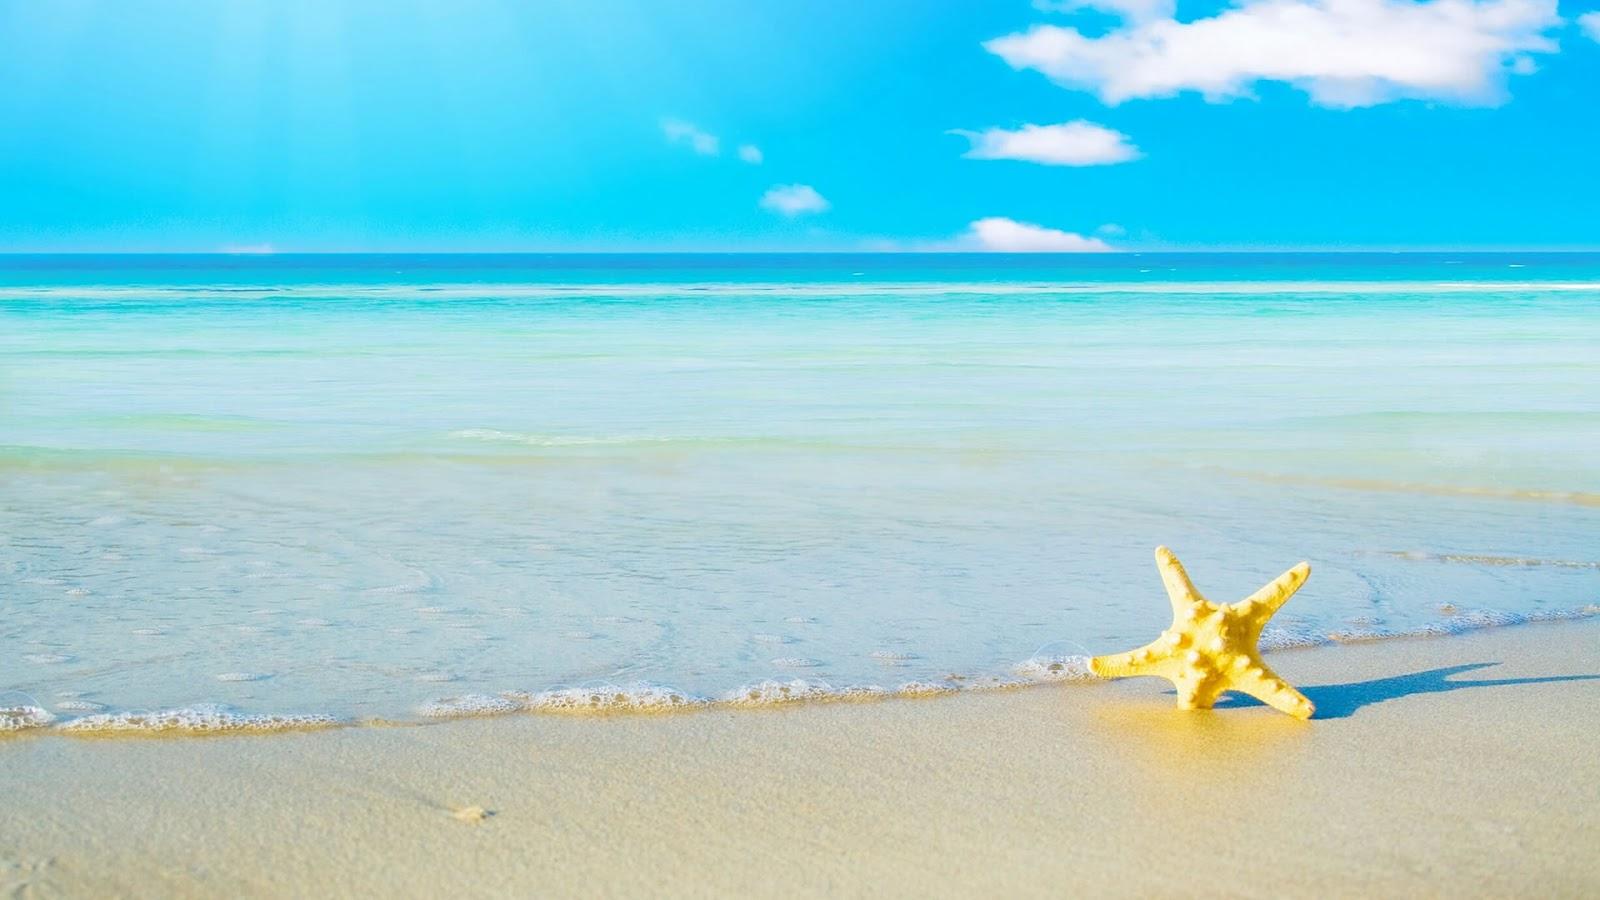 http://1.bp.blogspot.com/-v0AUQvCDlRI/T7p1zHI_PTI/AAAAAAAADmE/p7mlLYhZldY/s1600/Summer+Breeze+3.jpg